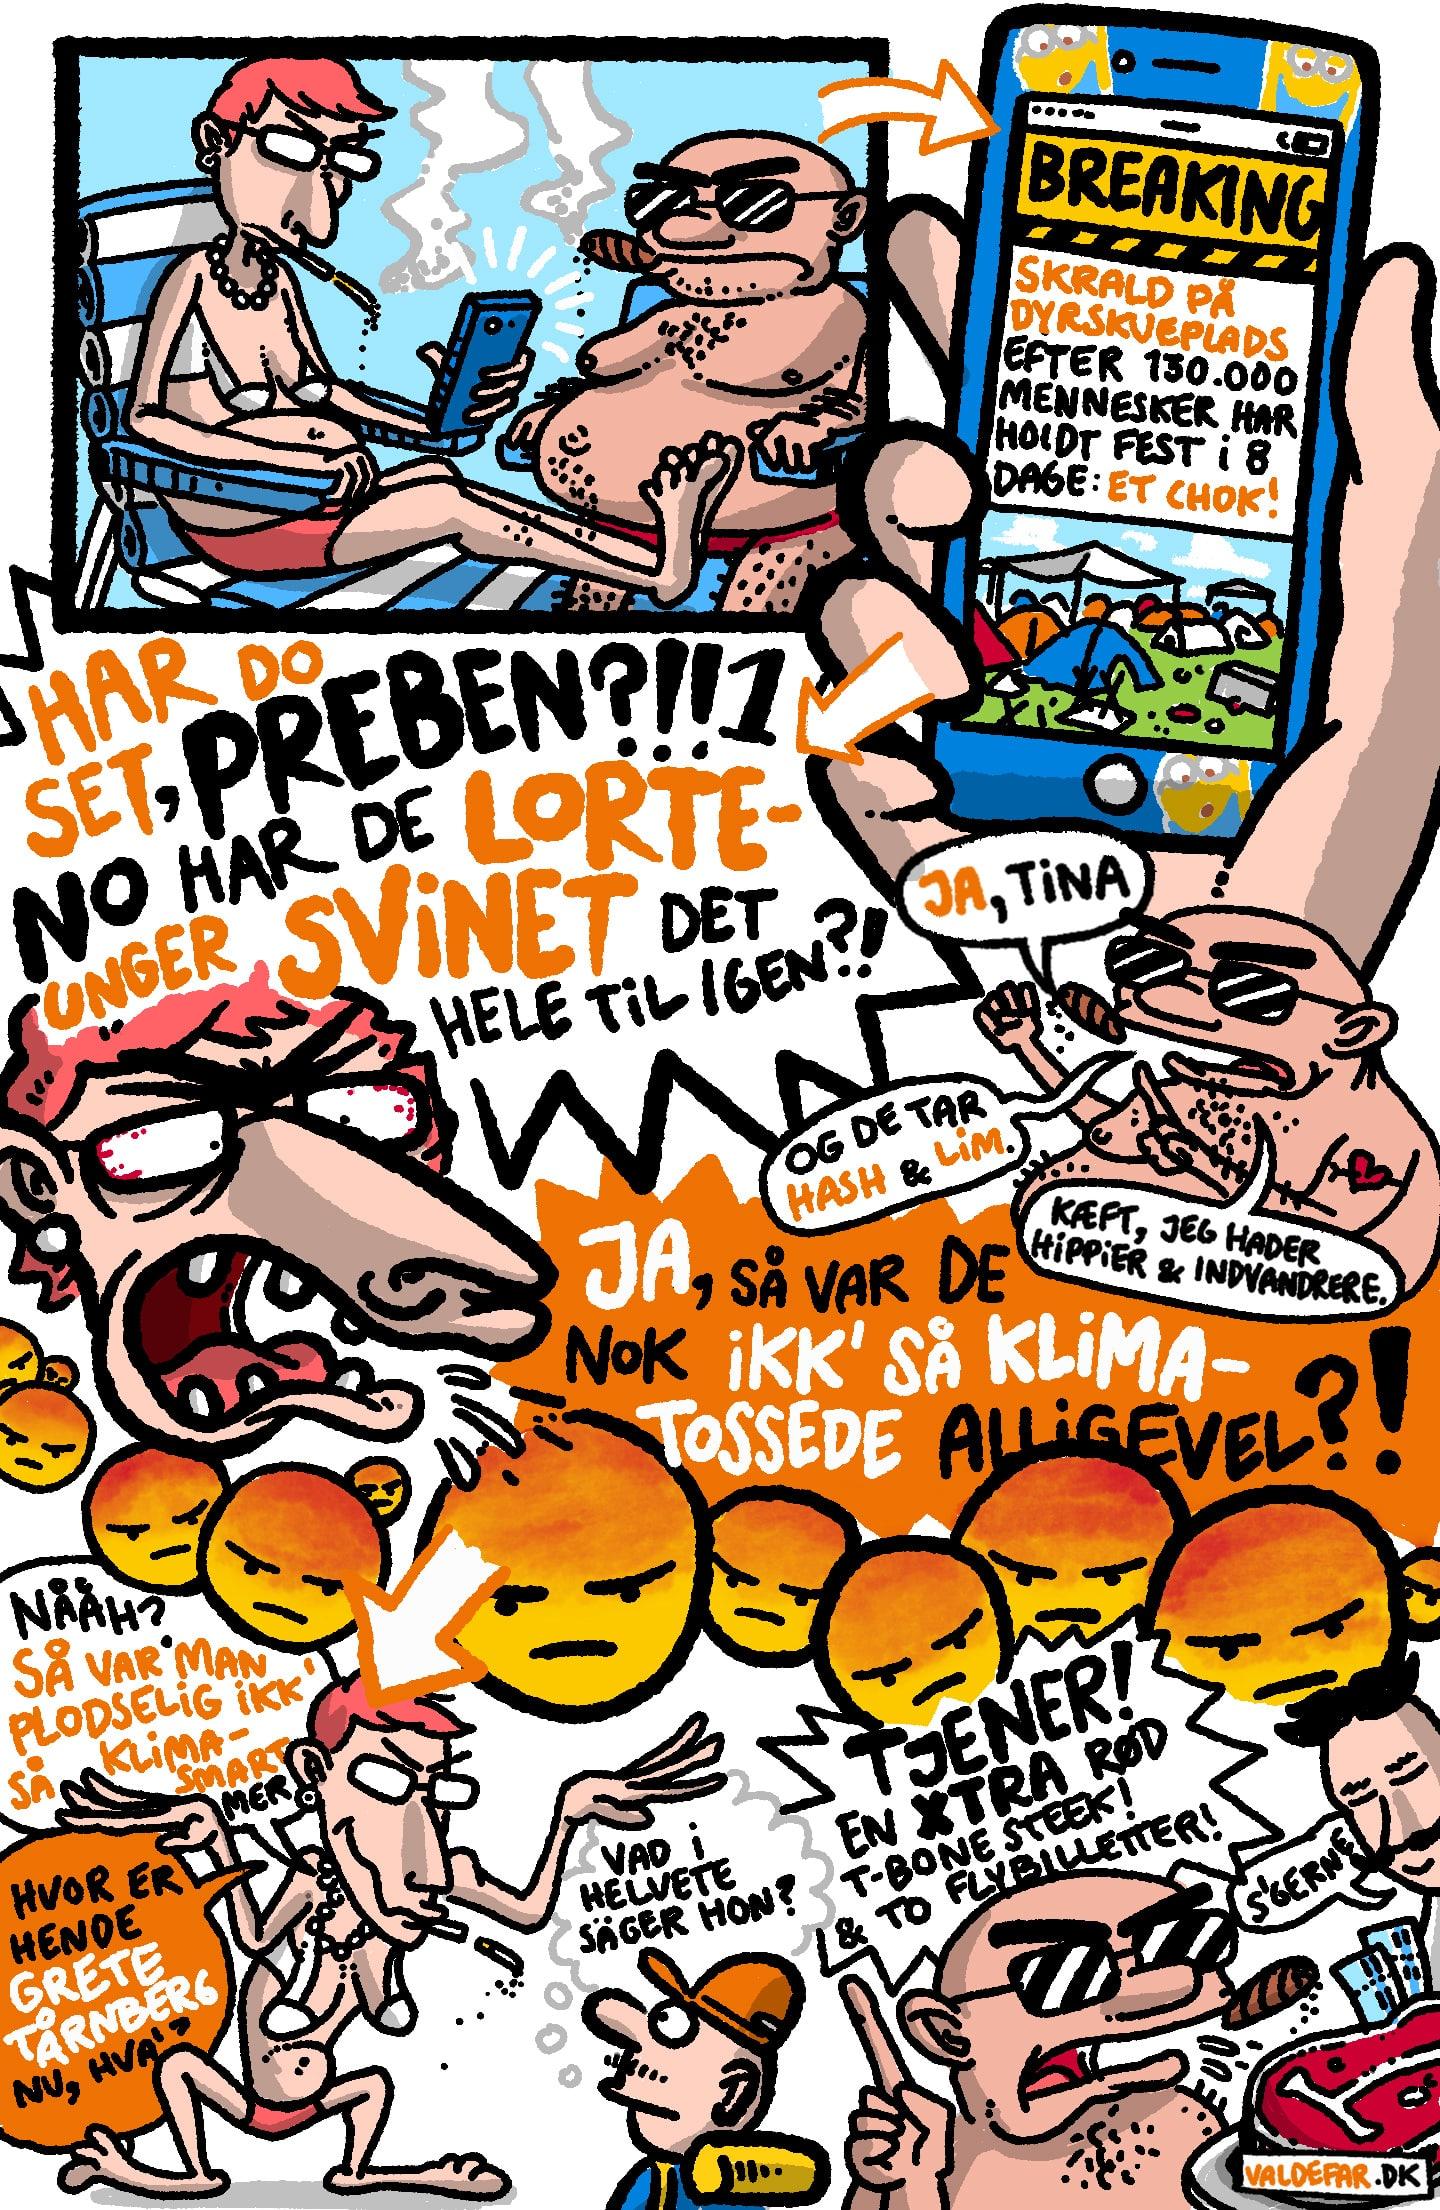 Klima på Roskilde Festival: De ældre generationer synes, at de unge festaber på Roskilde Festival er en flok hyklere